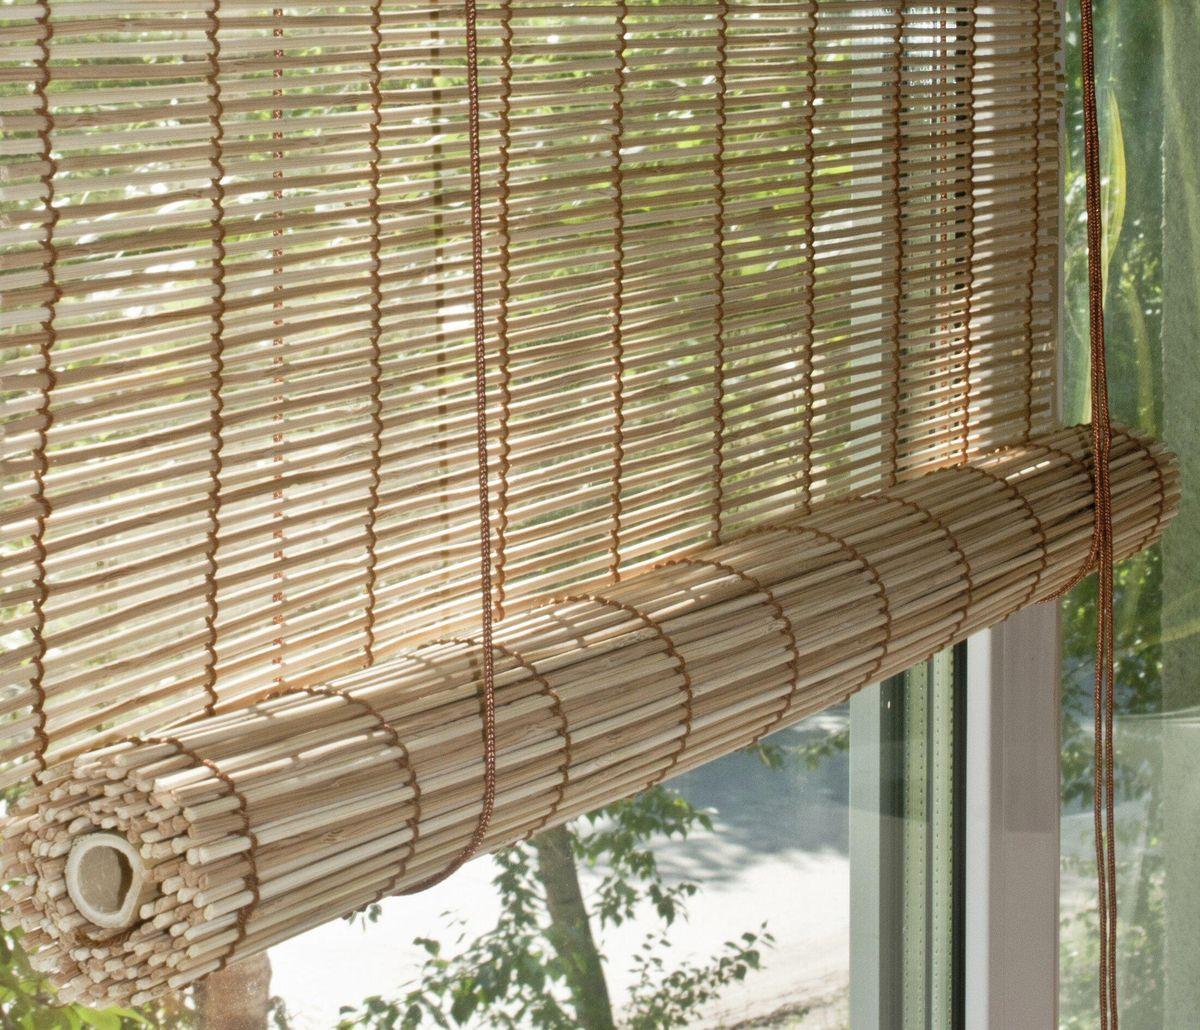 Штора рулонная Эскар Бамбук, цвет: натуральный микс, ширина 80 см, высота 160 см71909080180При оформлении интерьера современных помещений многие отдают предпочтение природным материалам. Бамбуковые рулонные шторыЭскар Бамбук - одно из натуральных изделий, способное сделать атмосферу помещения более уютной и в то же время необычной. Свойства бамбука уникальны: он экологически чист, так как быстро вырастает, благодаря чему не успевает накопить вредные вещества из окружающей среды. Кроме того, растение обладает противомикробным и антибактериальным действием. Занавеси из бамбука безопасно использовать в помещениях, где находятся новорожденные дети и люди, склонные к аллергии. Они незаменимы для тех, кто заботится о своем здоровье и уделяет внимание высокому уровню жизни.